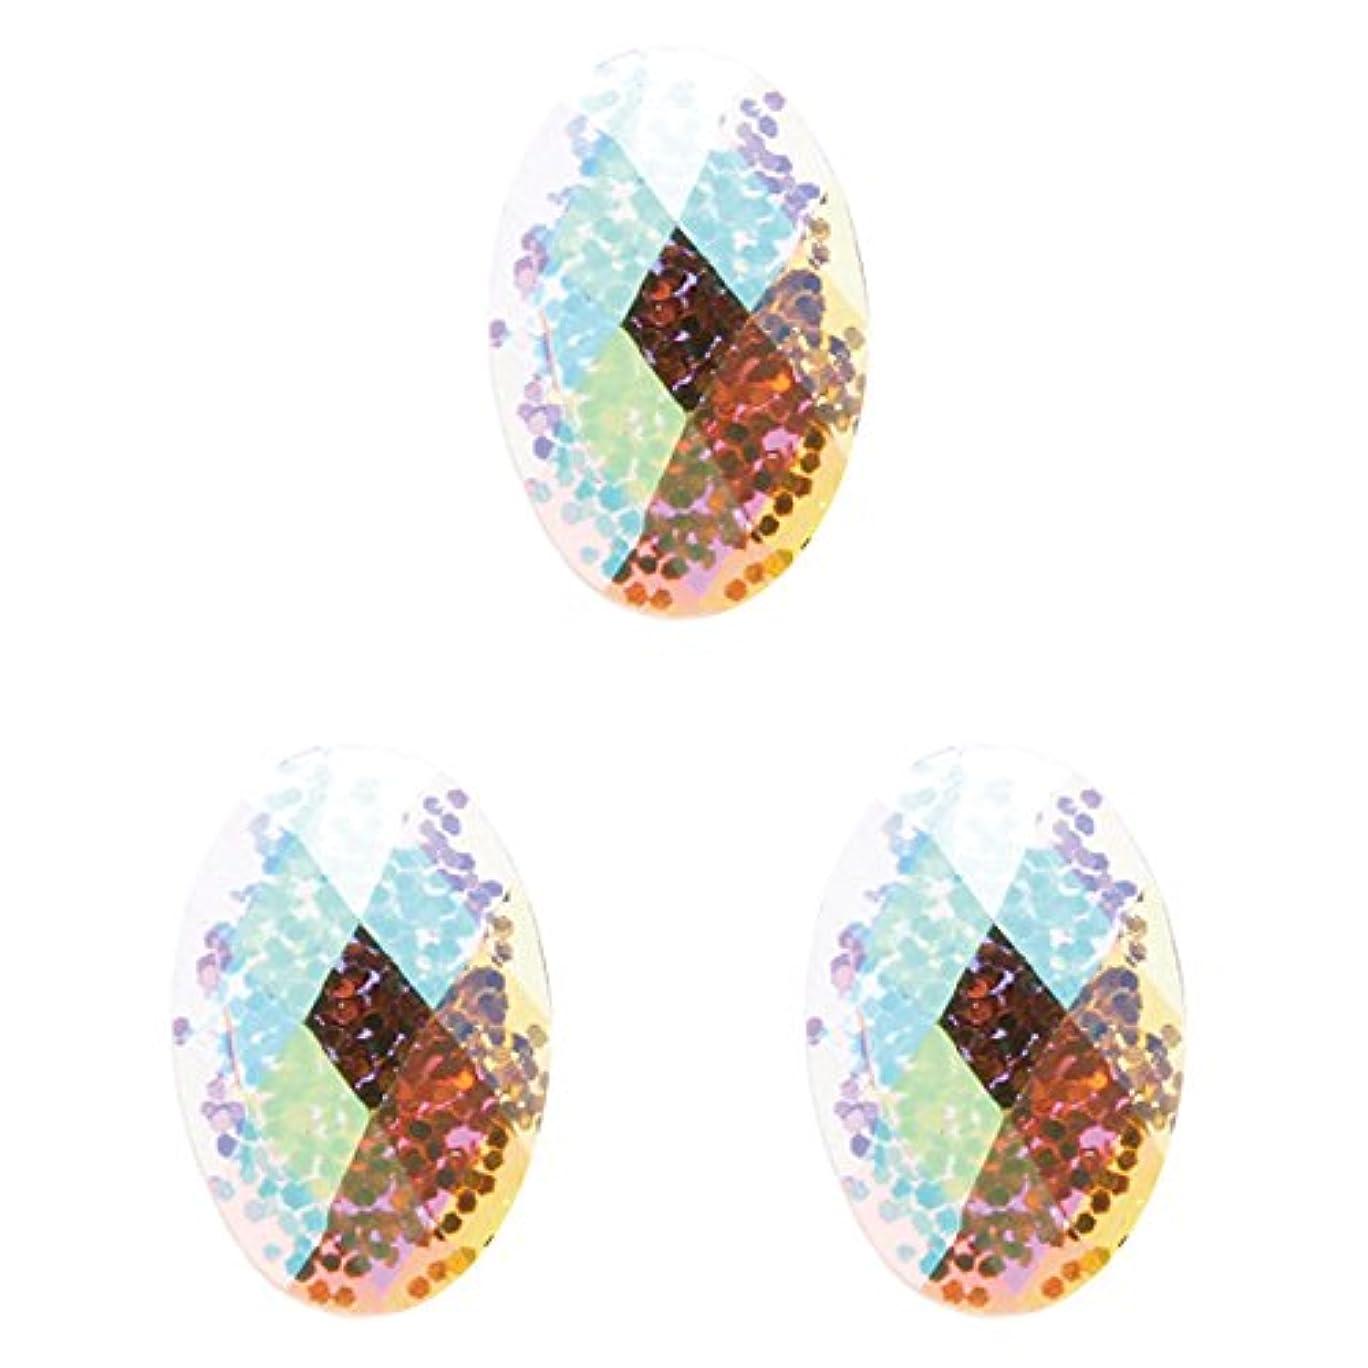 害虫分泌する有望<エトゥベラ>ブリリアントストーン オーバル4×6mm(各30個) ジャンパン(4x6mm)